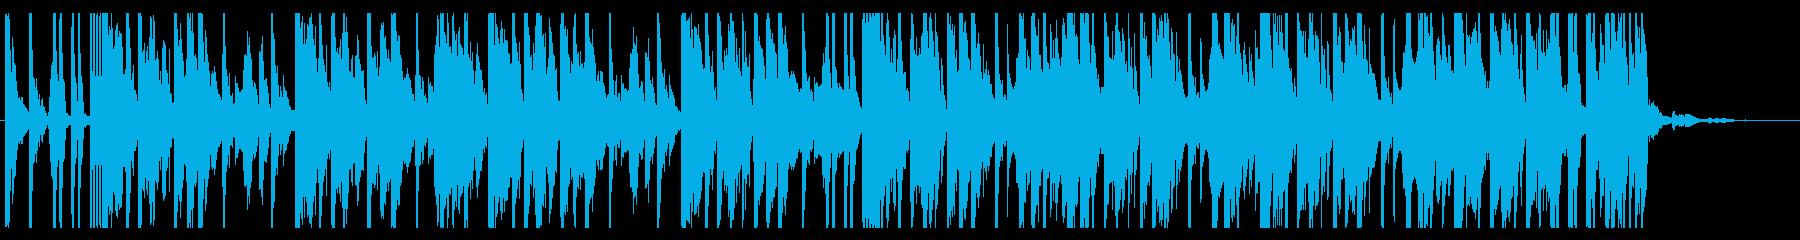 青/海/エレクトロ_No407_4の再生済みの波形